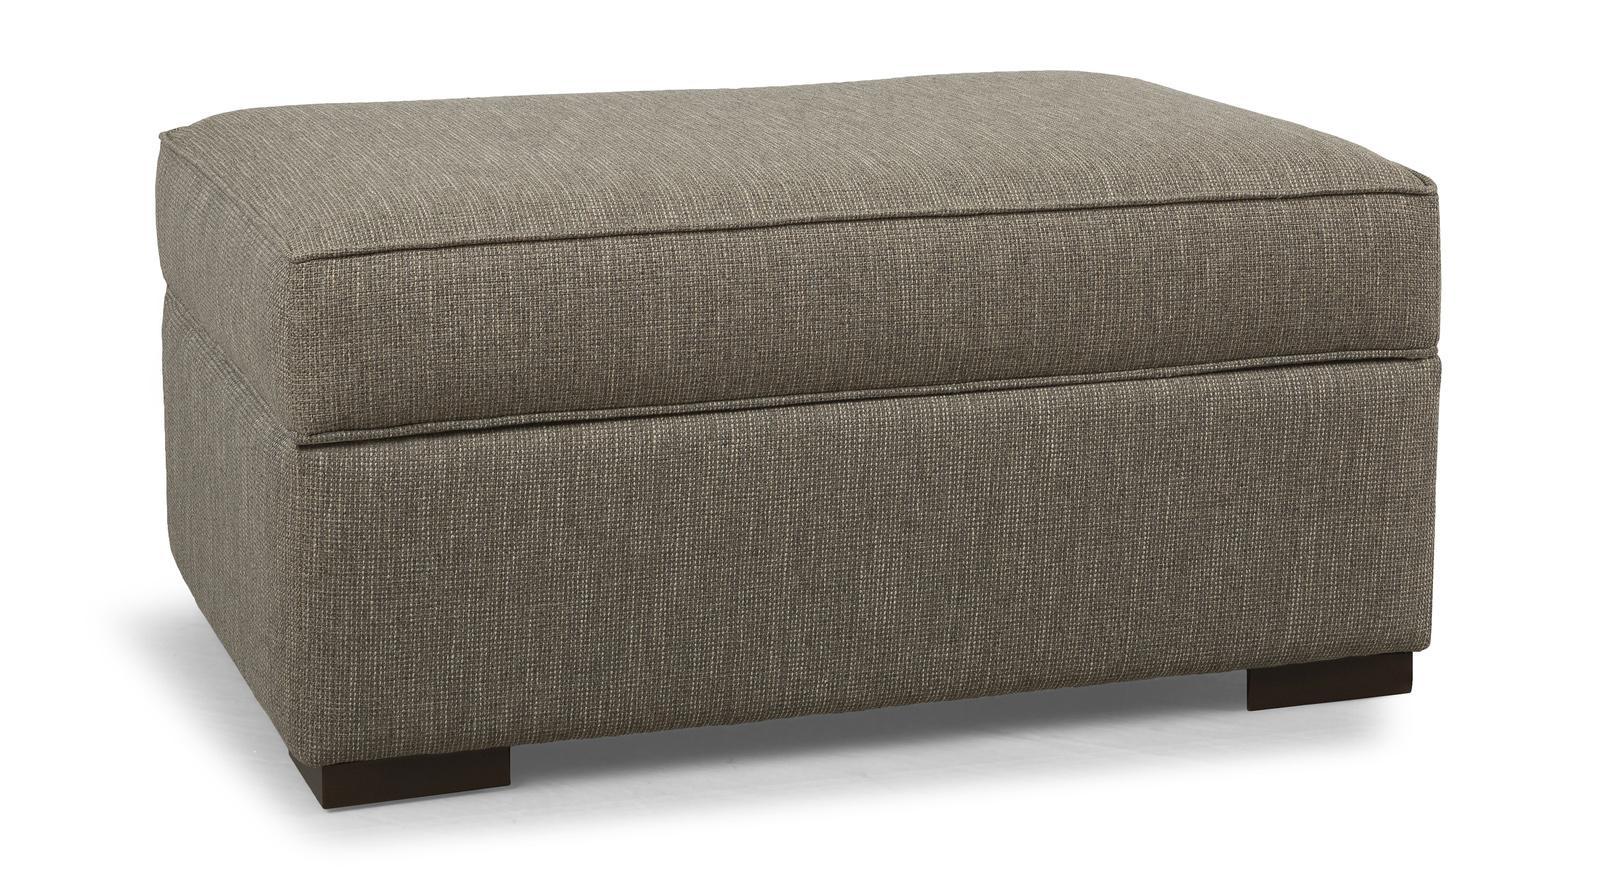 7112 Ottoman Decor Rest Furniture Ltd